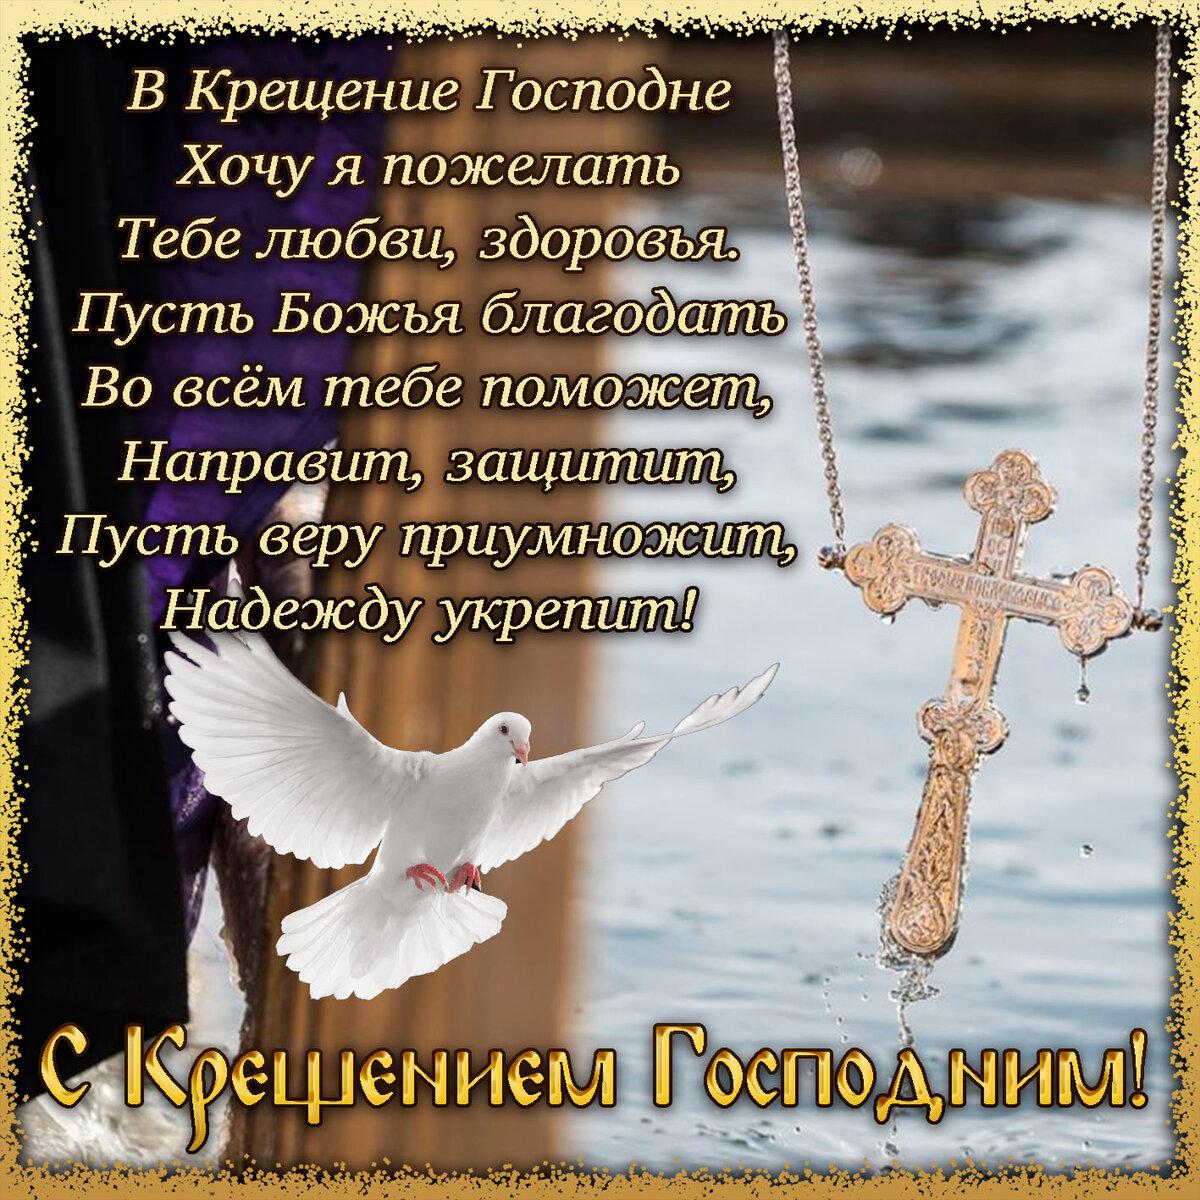 этого, сайт поздравлений с крещением жена